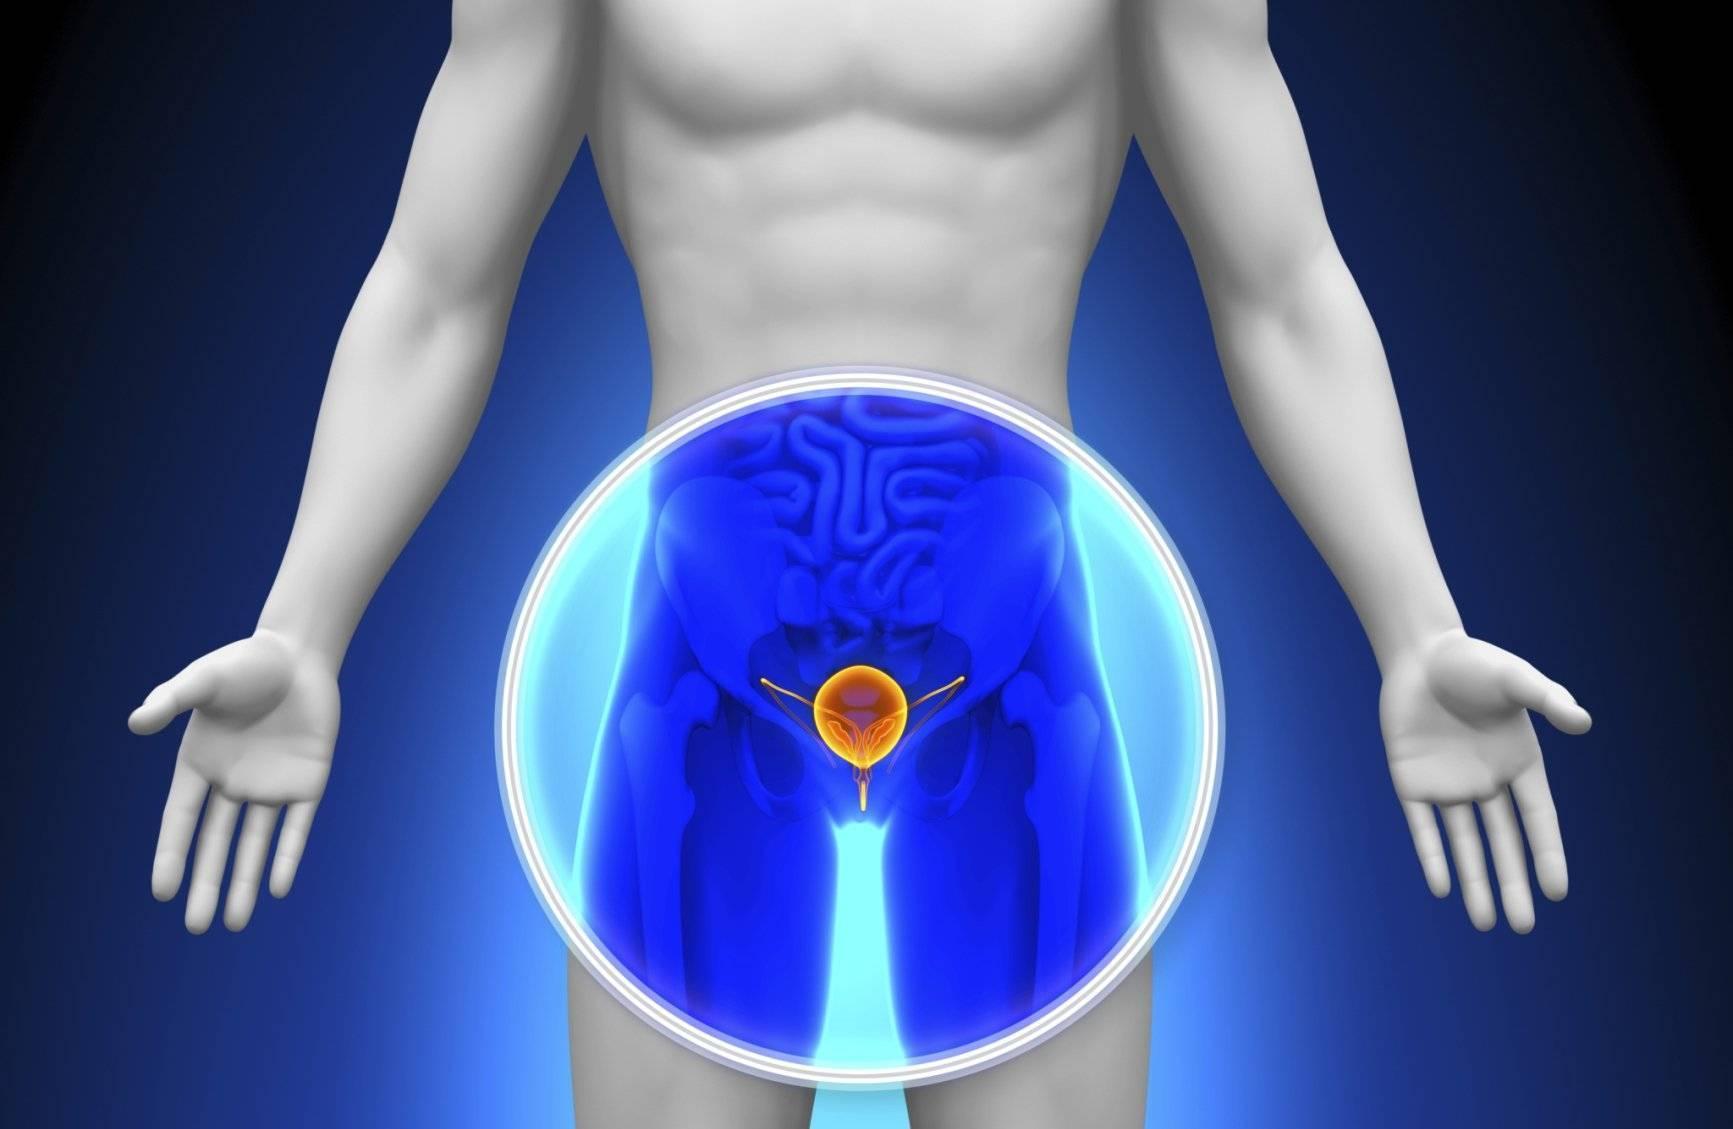 Рак простаты: лечение в  Германии. Методы лечения рака предстательной железы в немецких клиниках